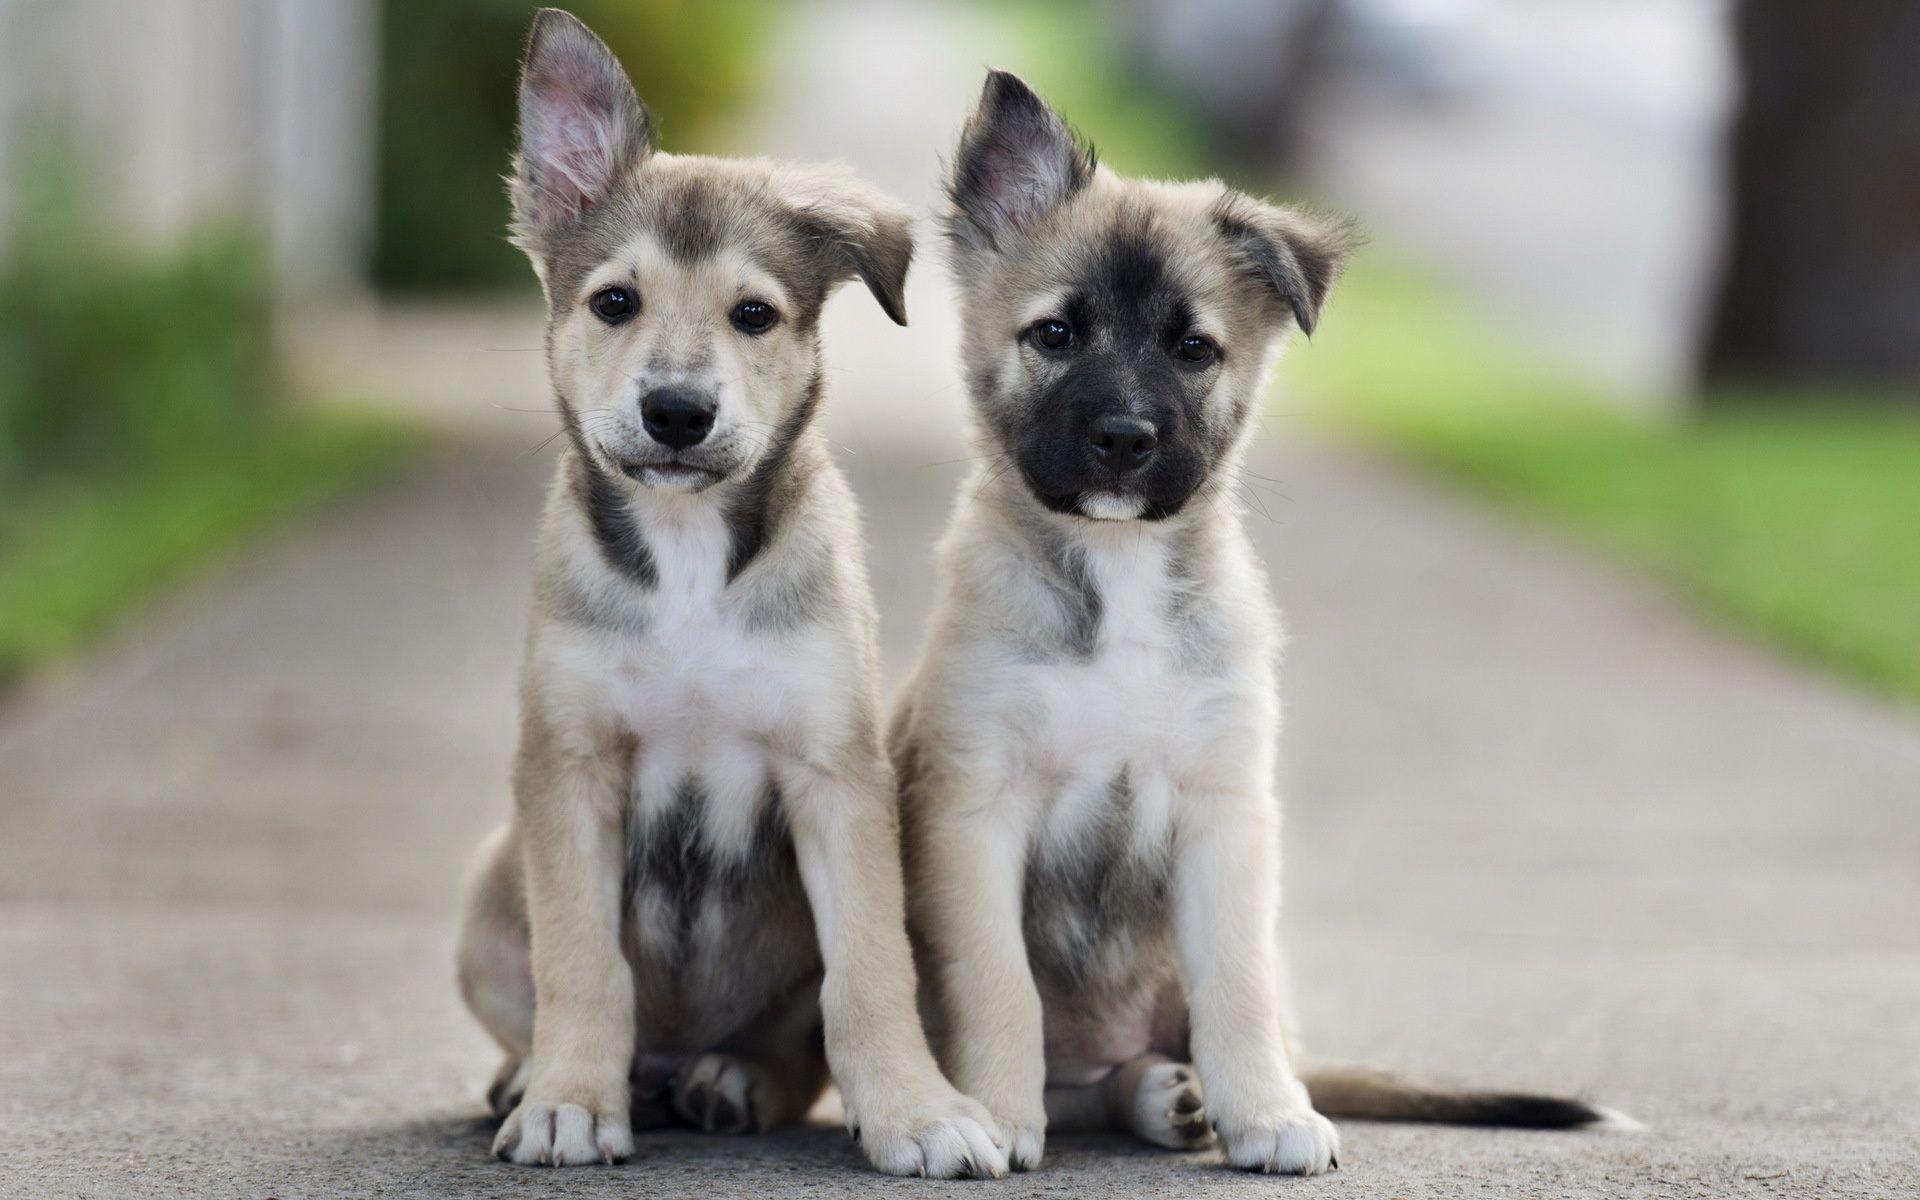 Adorable puppies Honden u Puppies Pinterest Animal